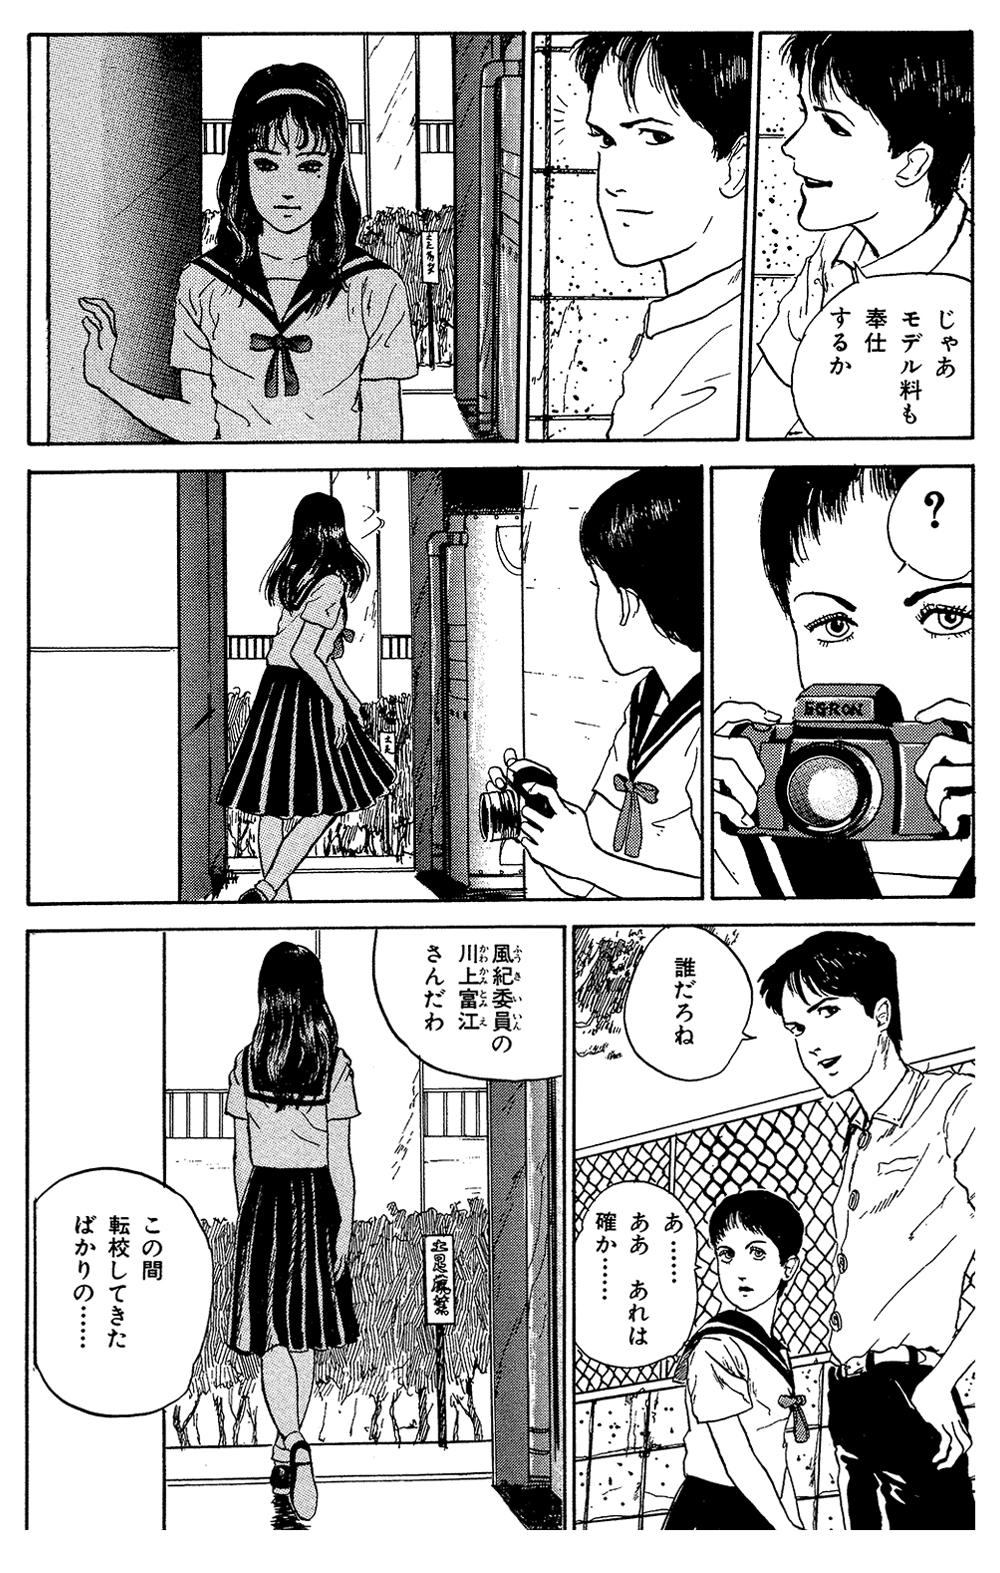 伊藤潤二傑作集 第4話「富江 写真」①juji10-11.jpg